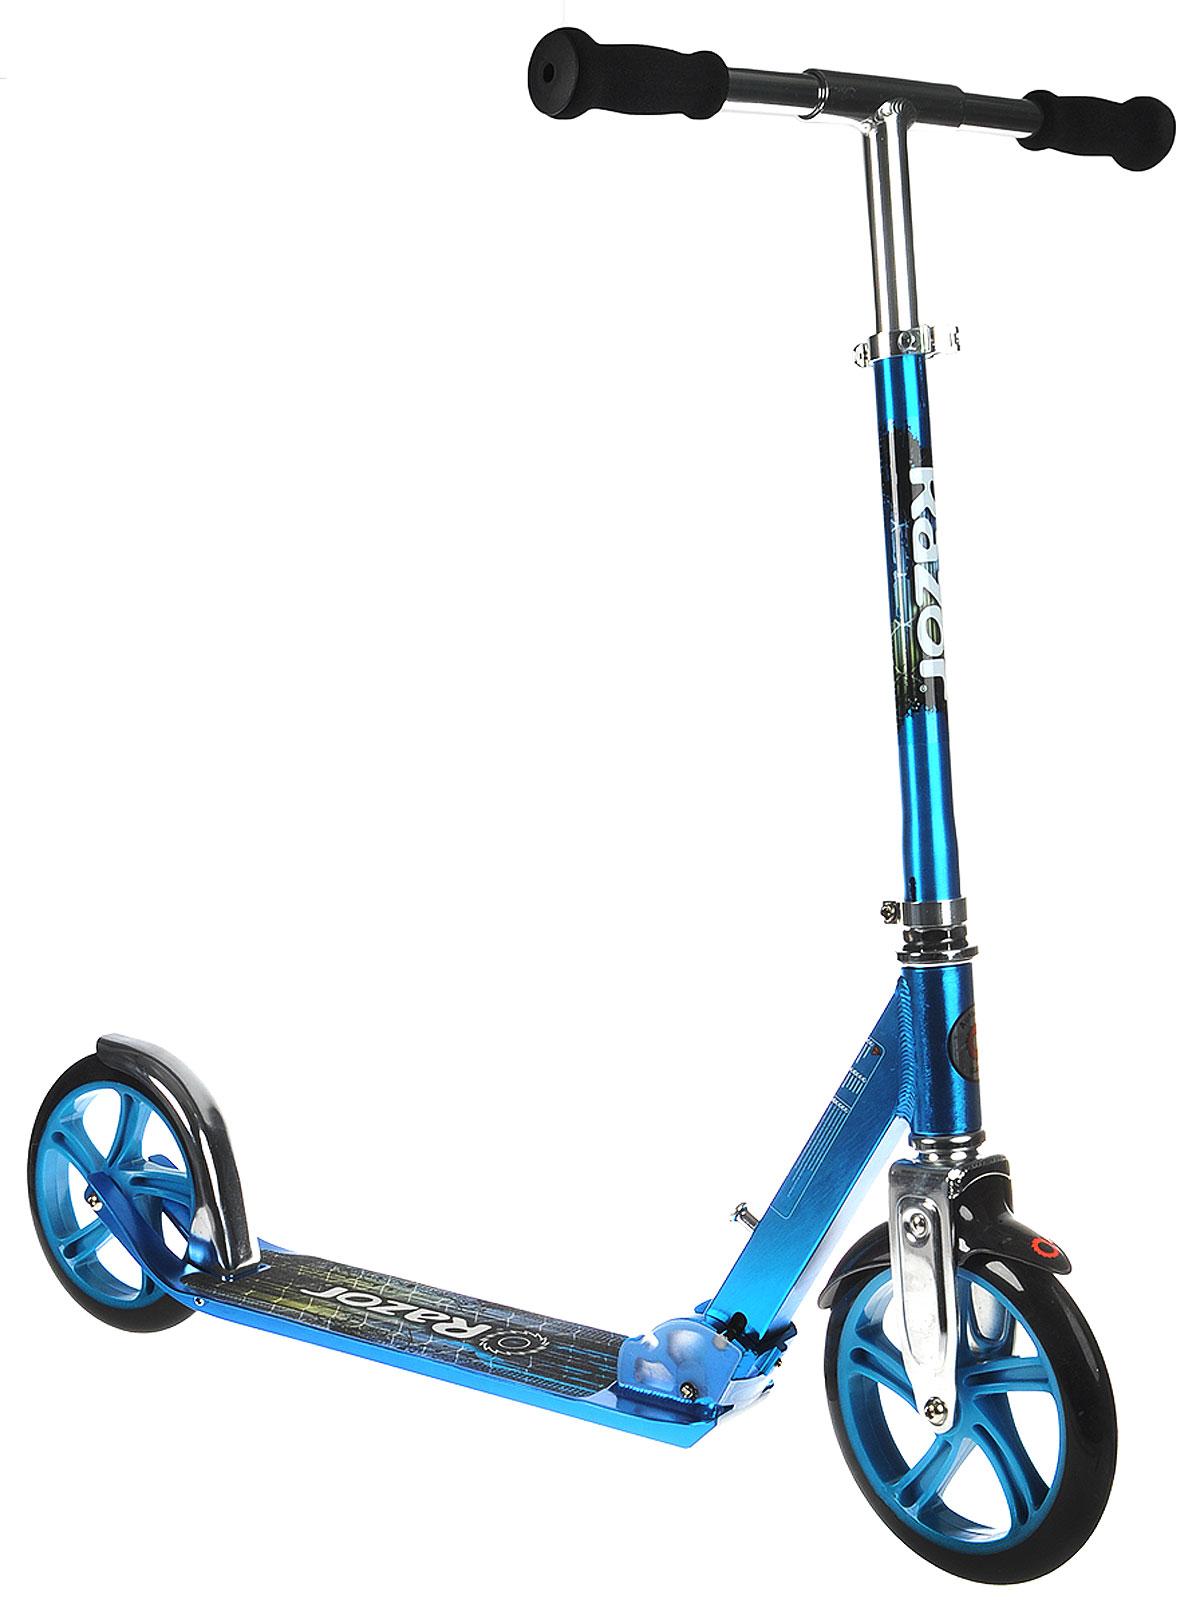 Самокат двухколесный Razor A5 Lux Kick Scooter, цвет: синийMHDR2G/AЯркий двухколесный самокат Razor A5 Lux Kick Scooter станет отличным подарком любителю скорости и активного отдыха! Большие полиуретановые колеса диаметра 200 мм с передним амортизатором менее чувствительны к неровностям дороги. Рукоятка самоката регулируется по высоте, ручки покрыты мягким прорезиненным материалом, что позволяет избежать мозолей на ладонях. Платформа самоката снабжена специальным покрытием, благодаря которому нога не будет соскальзывать с самоката.Катание на самокате - одно из любимых занятий детей. Оно приобретает большую популярность, поскольку не требует специальных навыков.Самокат быстро и легко складывается и не требует особых мест для хранения.Материал рамы - алюминий. Вес - 3.6 кг. Максимальная нагрузка - 100 кг. Диаметр колес - 200 мм, полиуретан. Высота руля - регулируется. Типа рамы - складной. Тормоз - ножной, на заднем колесе.